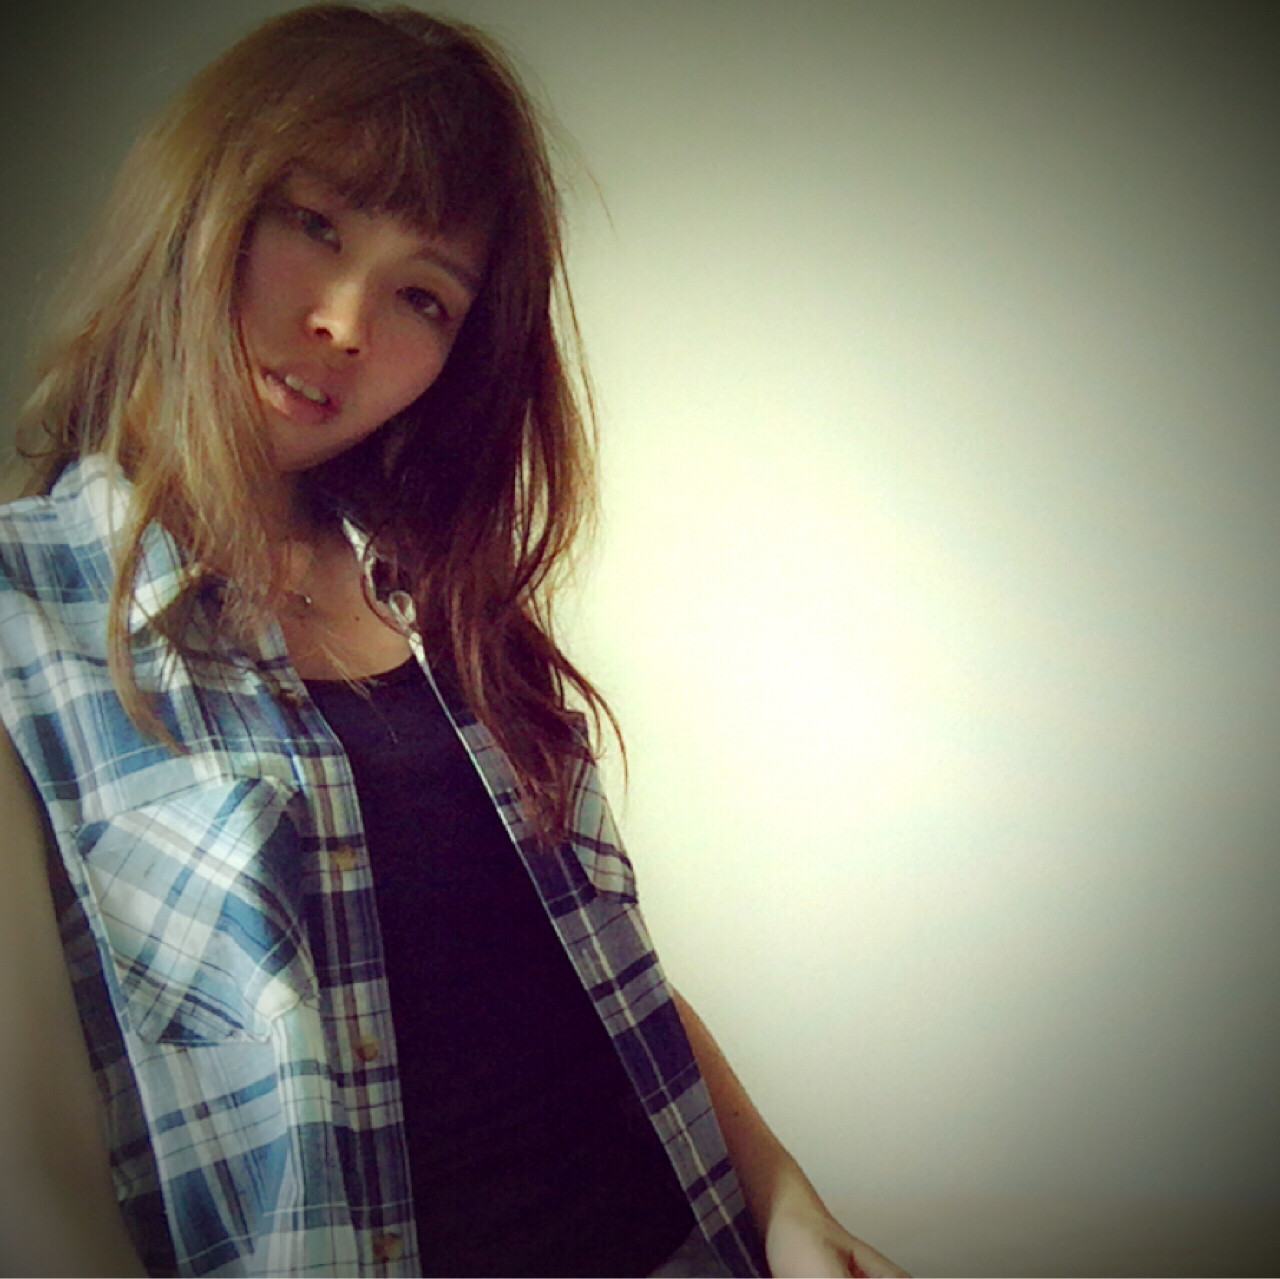 パーマ 外国人風 ロング ハイライト ヘアスタイルや髪型の写真・画像 | 黒田彩水 /